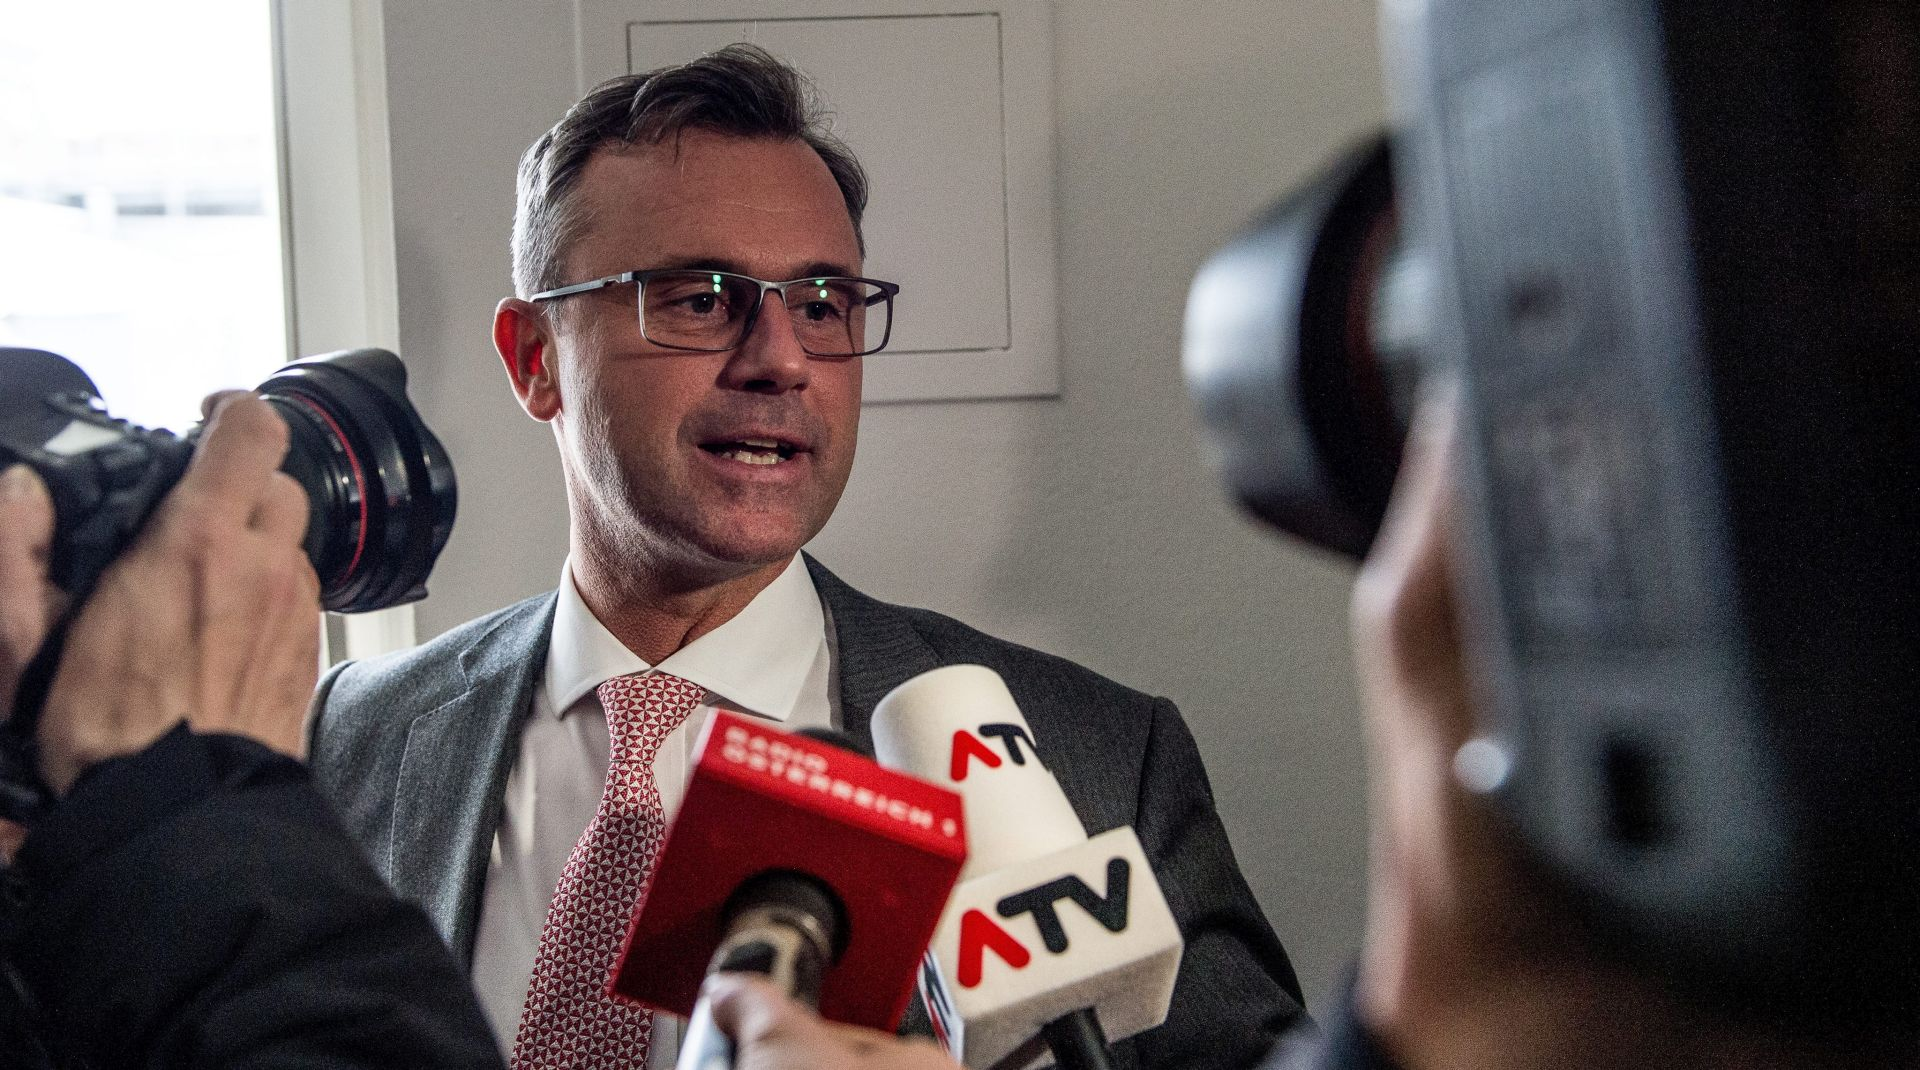 Austrijanci glasali protiv sustava: U drugom krugu krajnja desnica i zeleni